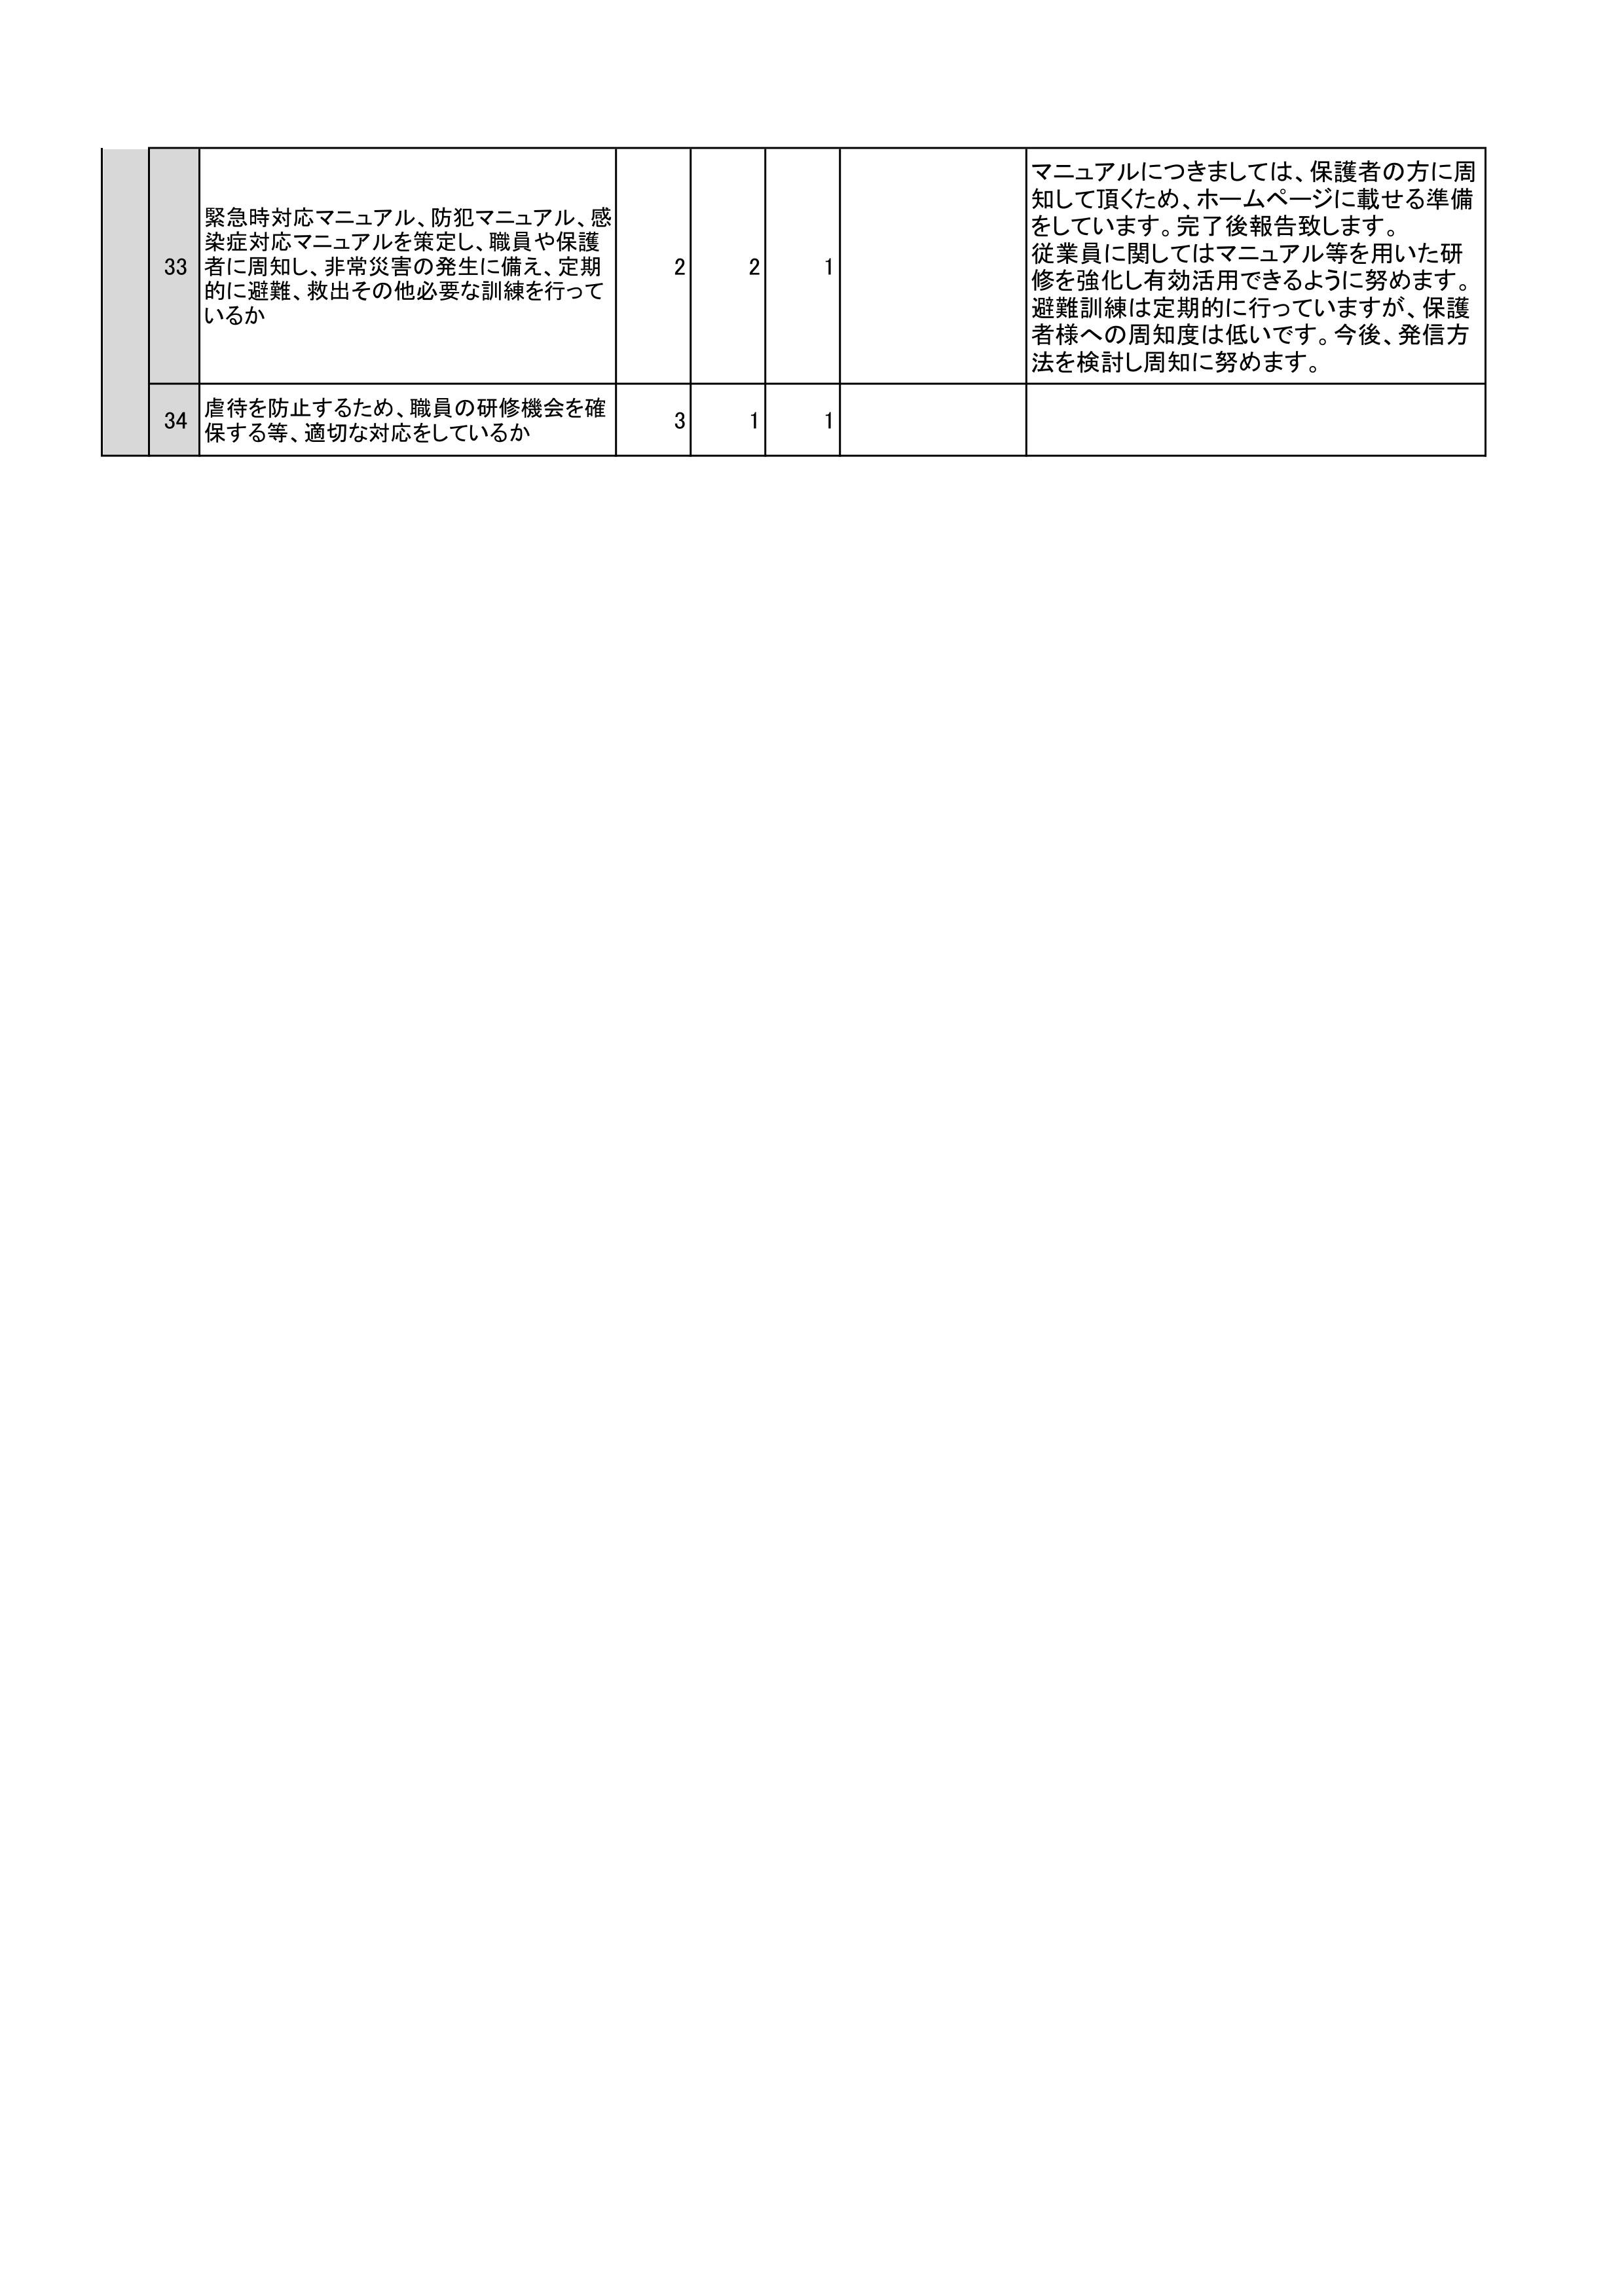 如意谷事業所自己評価(公表)放課後デイ2019